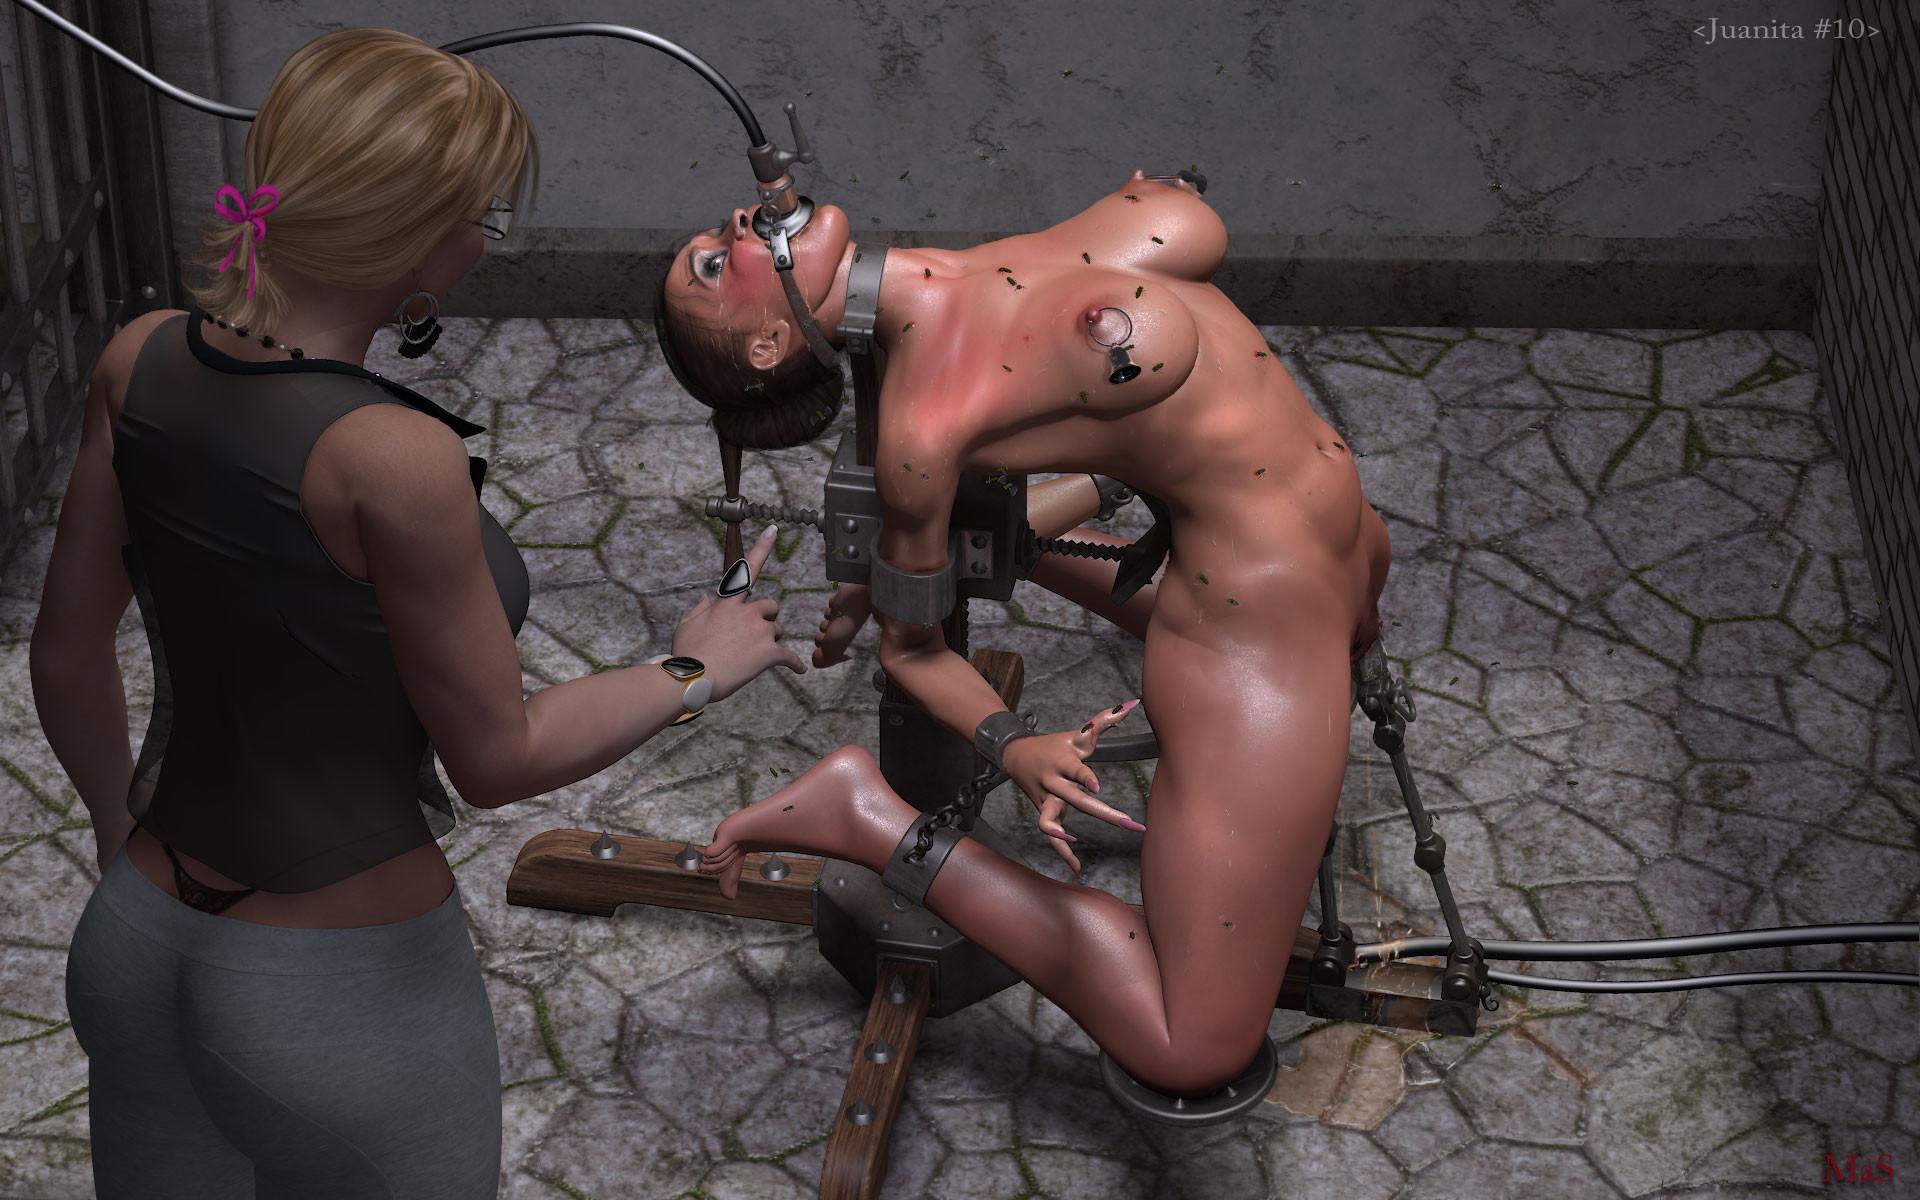 Beheading pics